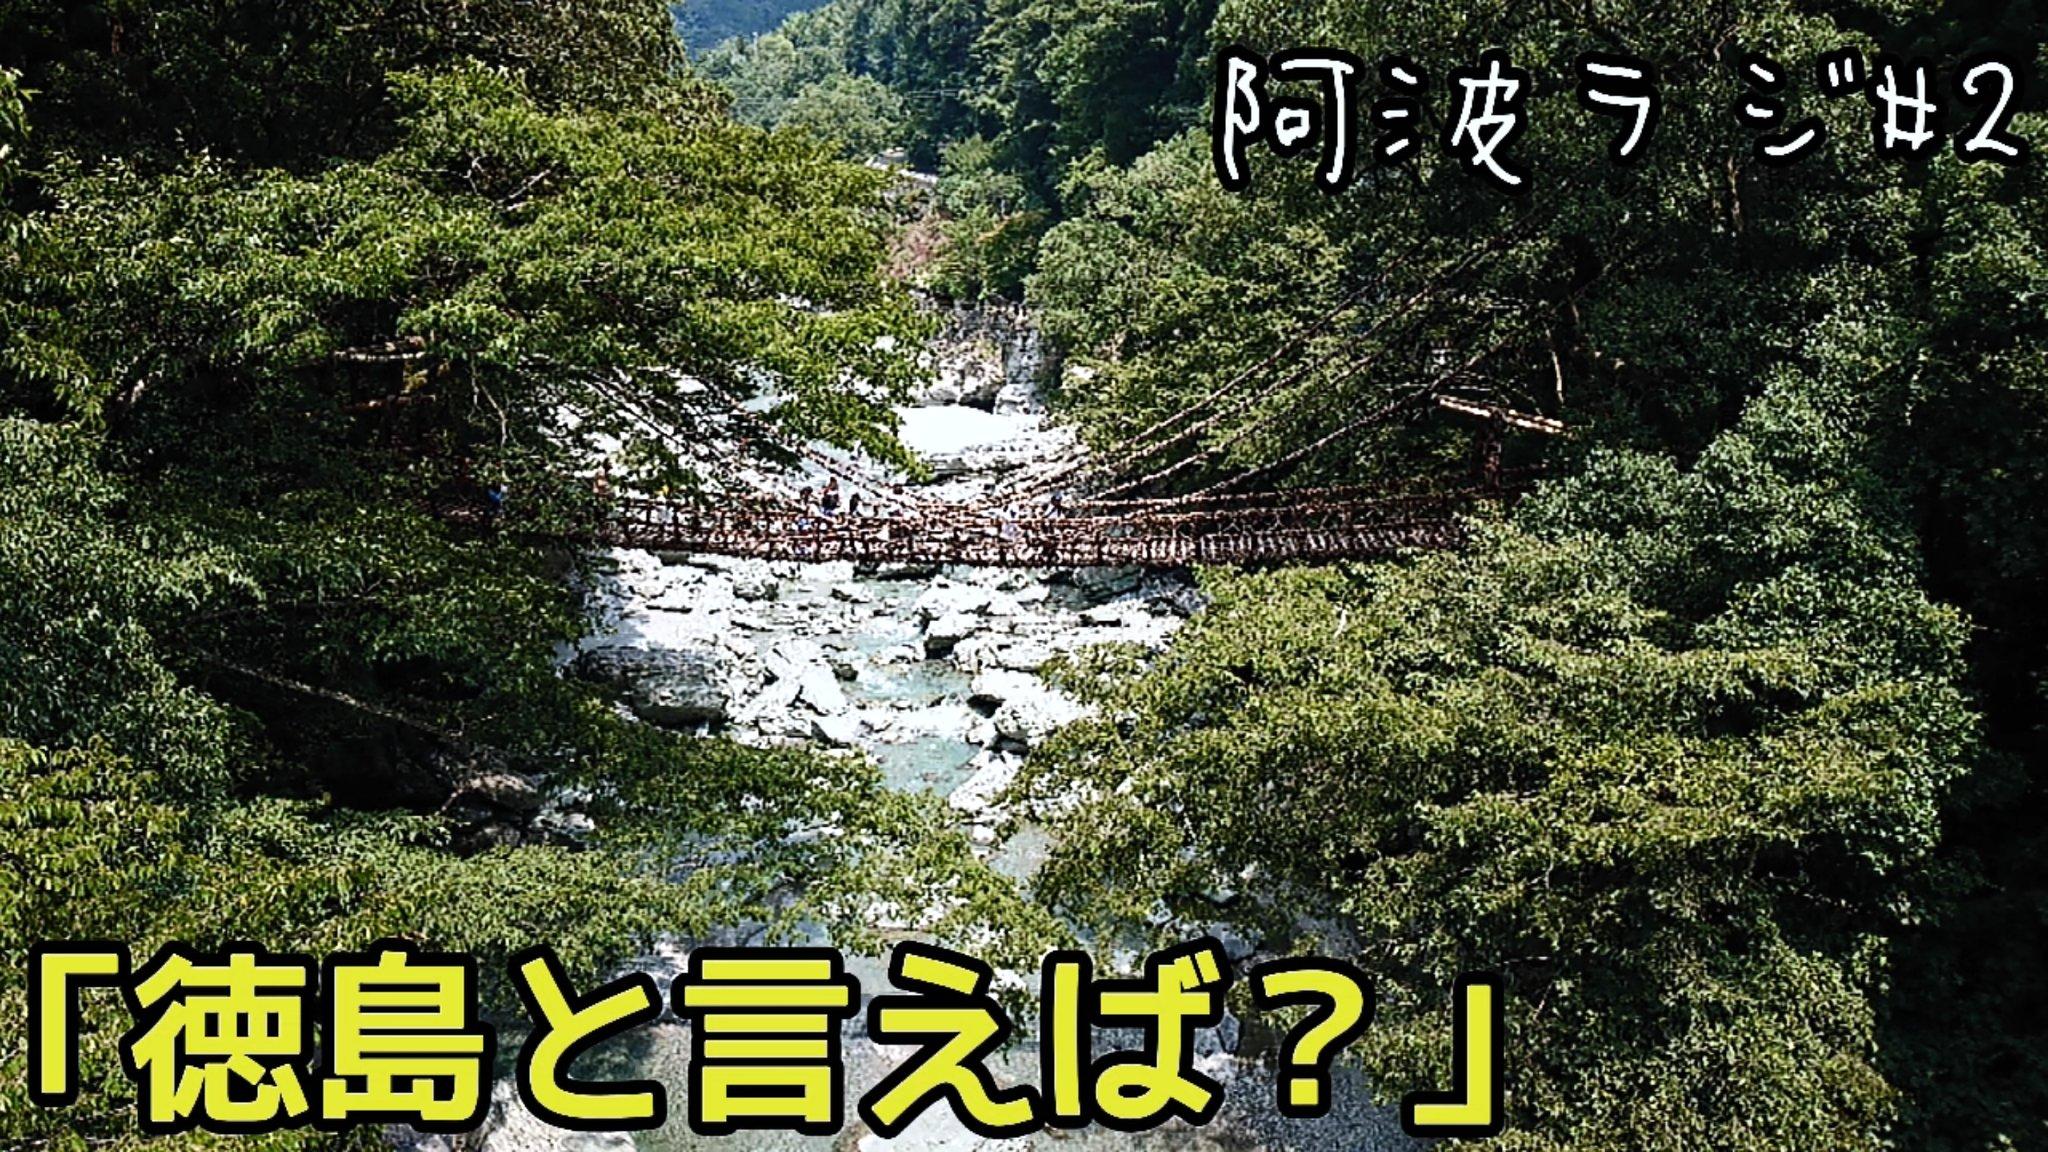 【阿波ラジ】 徳島と言えば